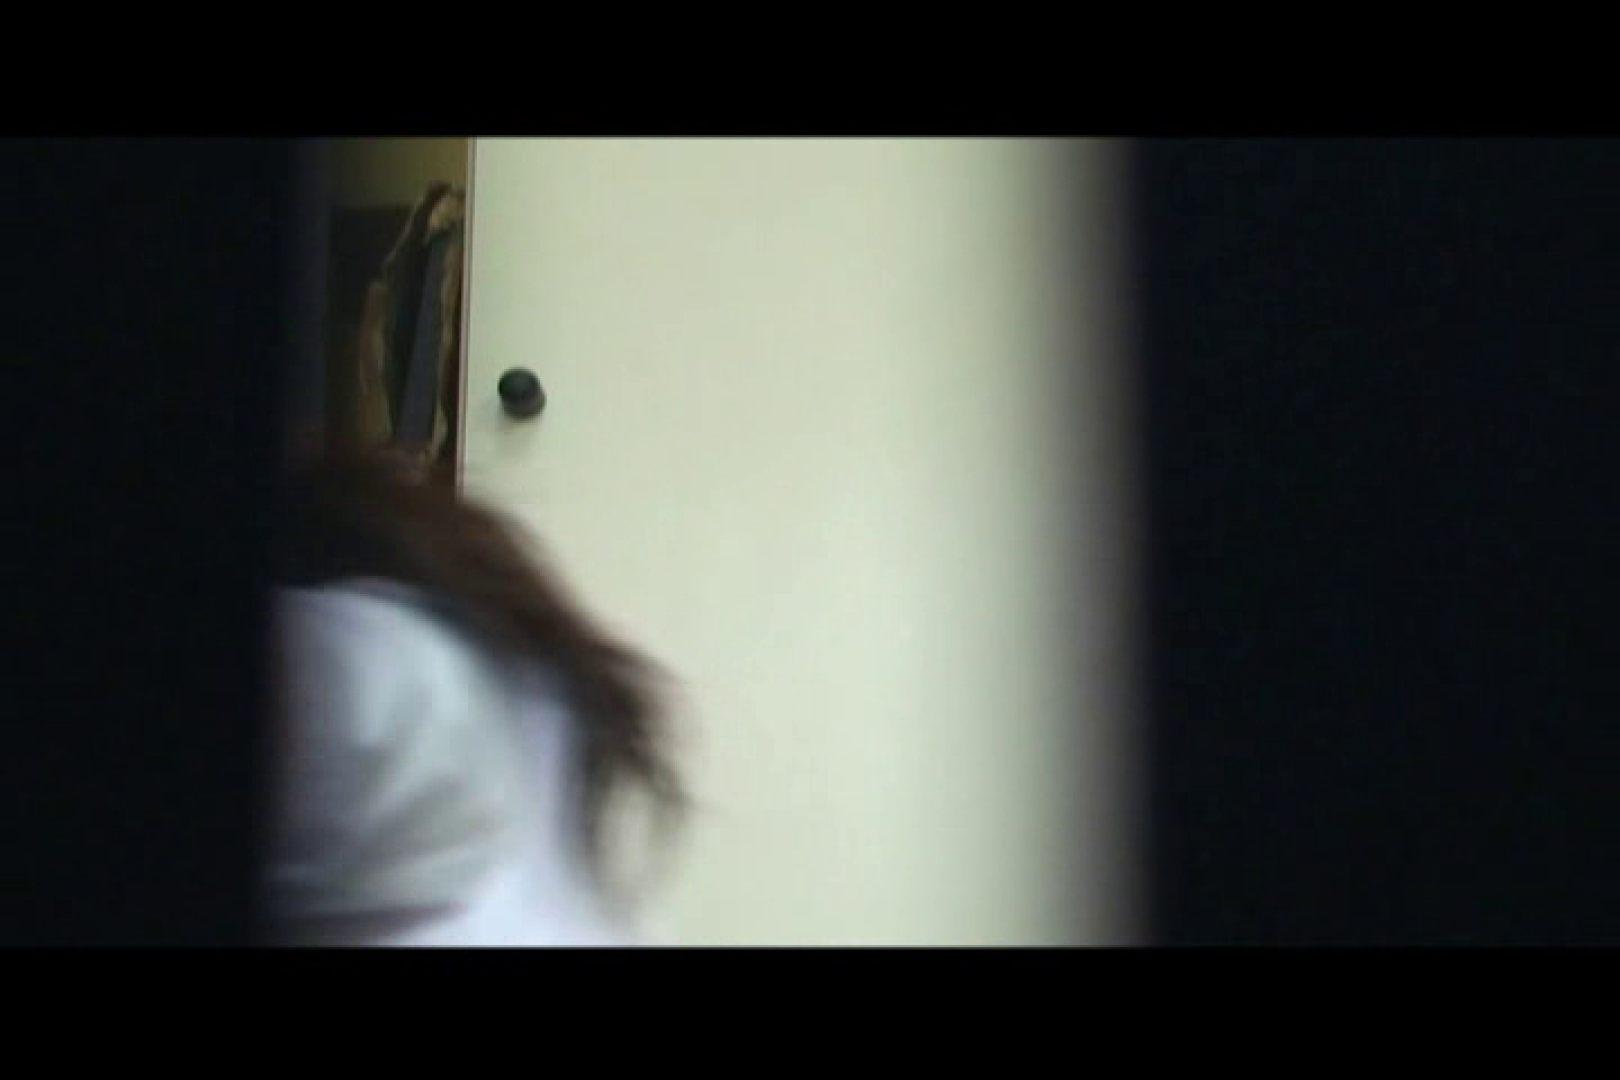 独占配信!無修正! 看護女子寮 vol.10 エロい熟女   パイパン特集  11枚 1